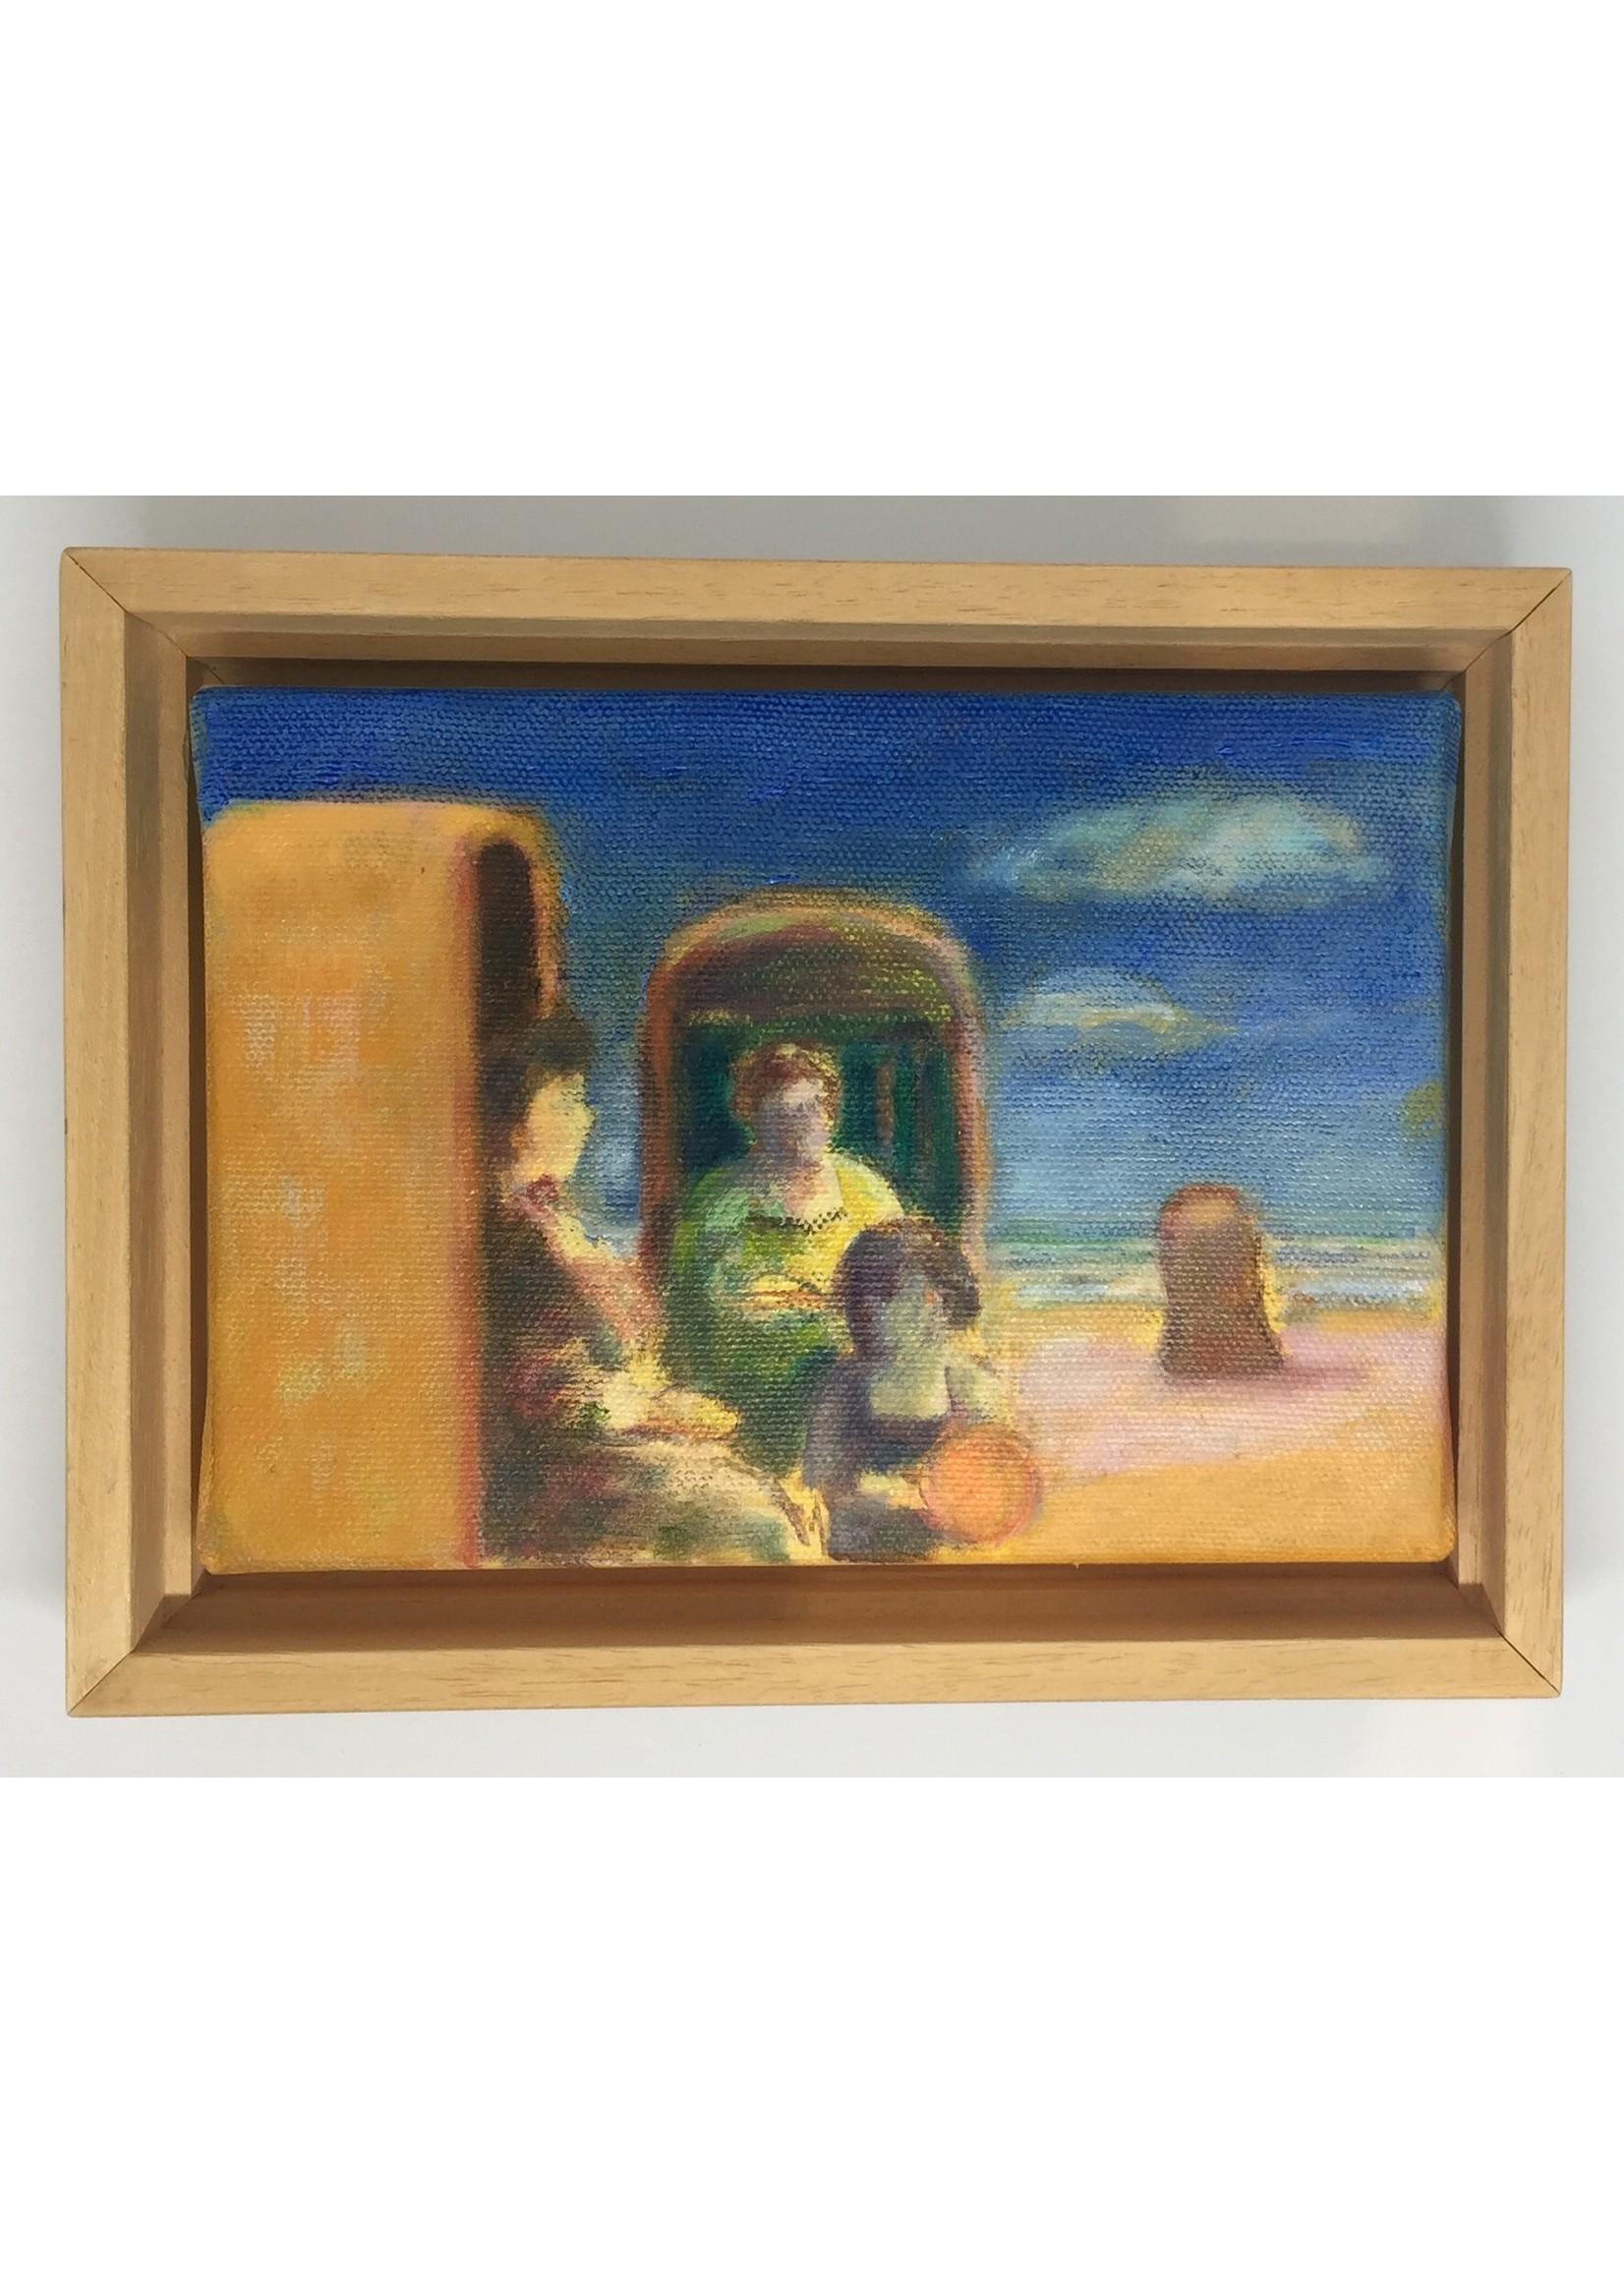 'Tag am Meer' - Bea van Huystee (Öl auf Leinwand)